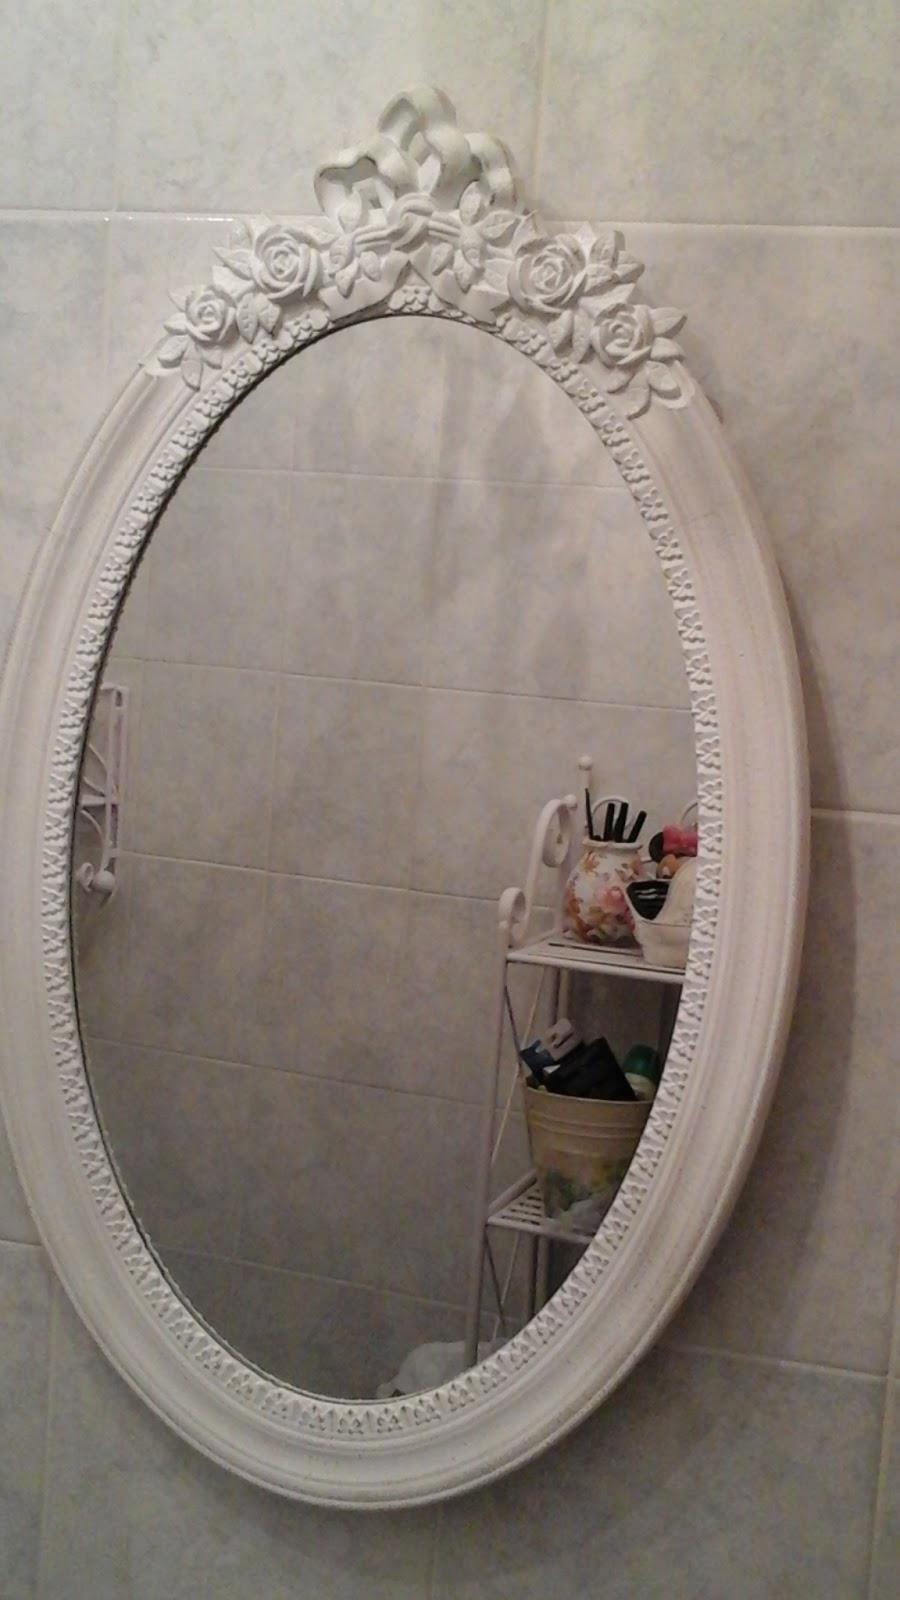 Blog di sara specchio specchio delle mie brame - Specchio specchio delle mie brame ...